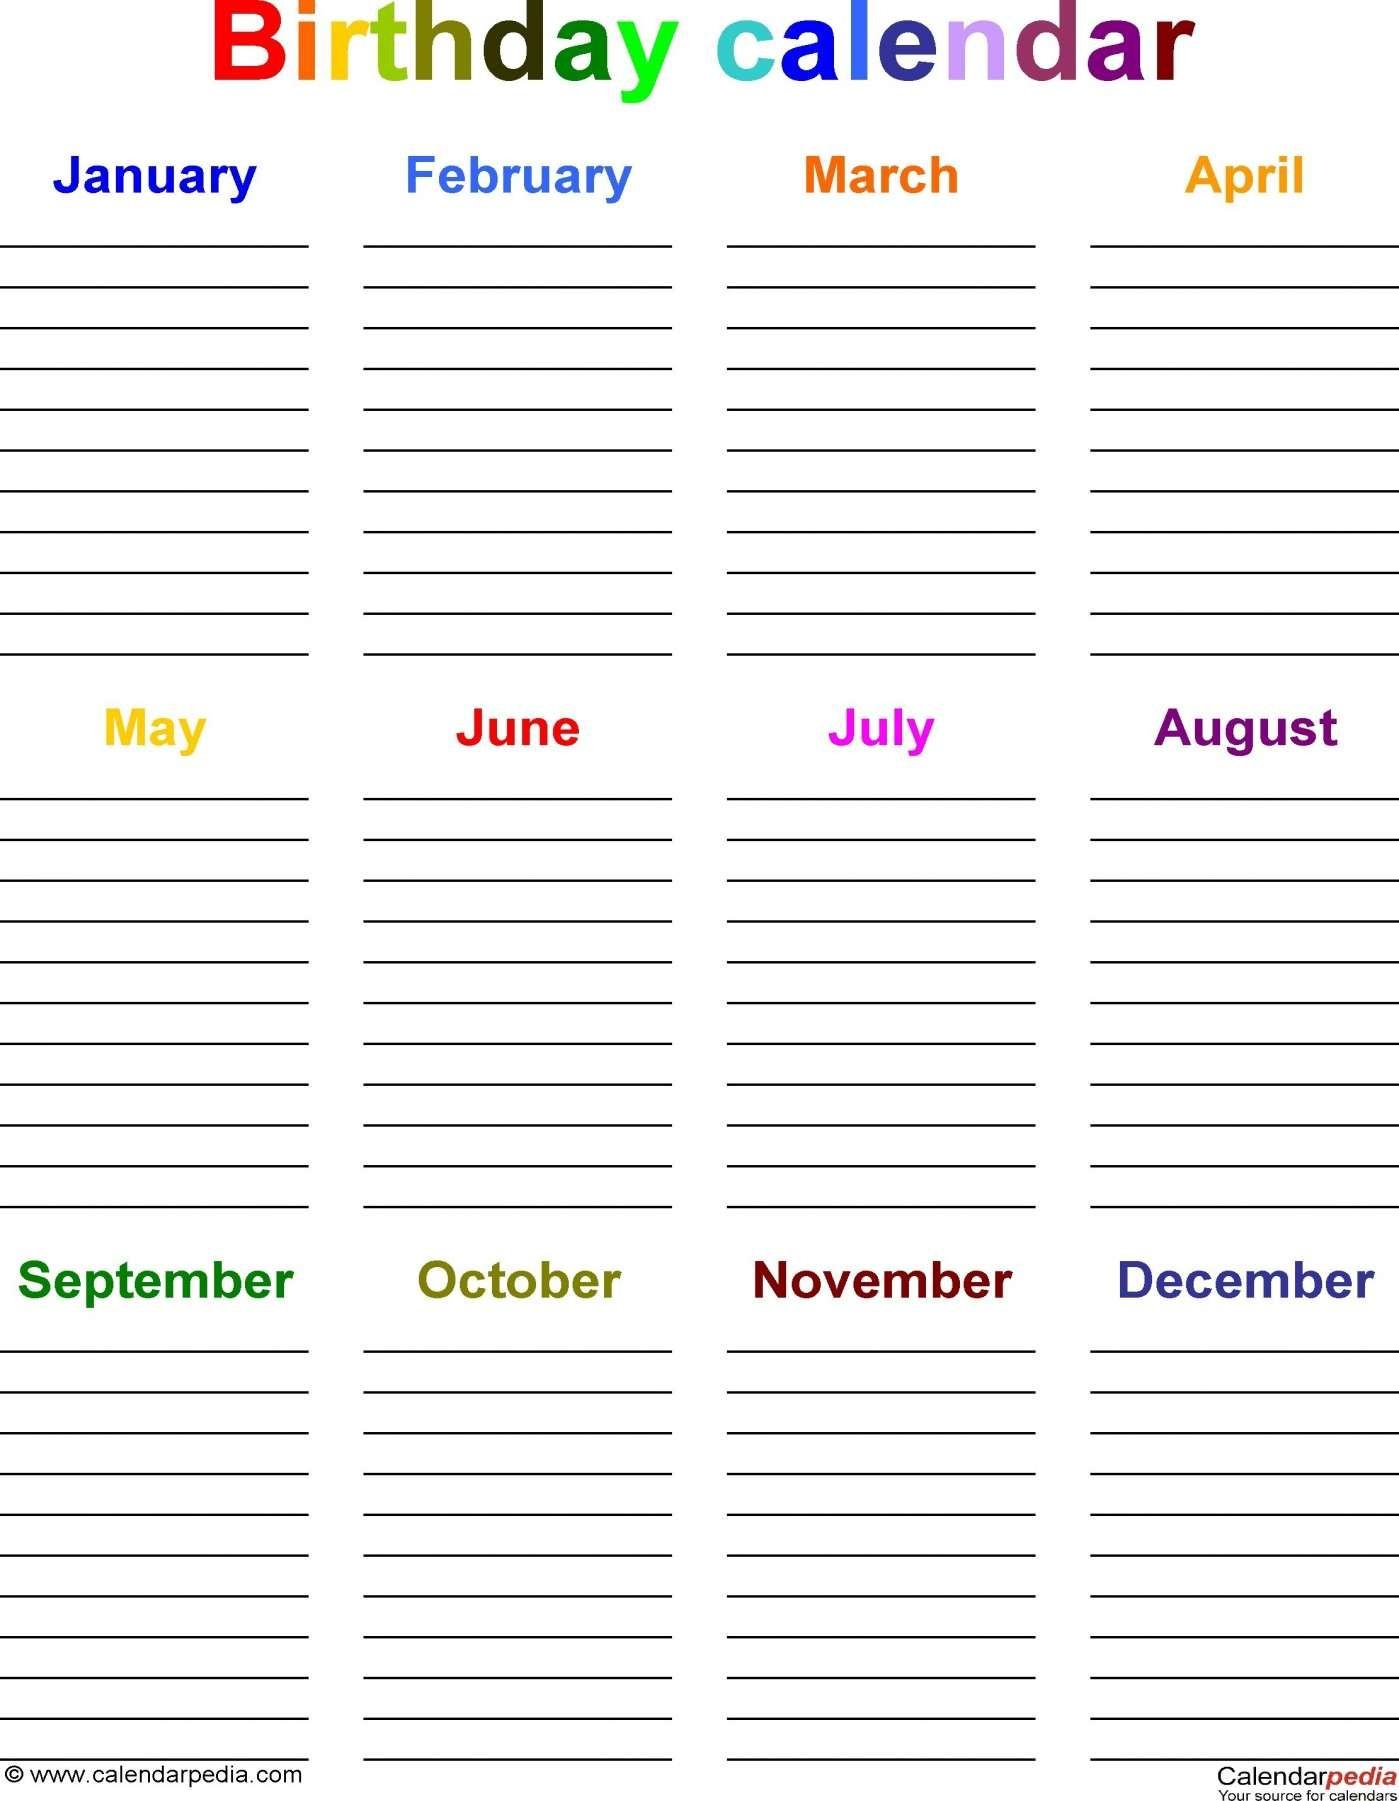 March Calendar 2019 Más Arriba-a-fecha Monthly Birthday Calendar Template Indiansocial Of March Calendar 2019 Actual Gujarati Calendar 2019 Printable Printed for No Cost – Calendaro